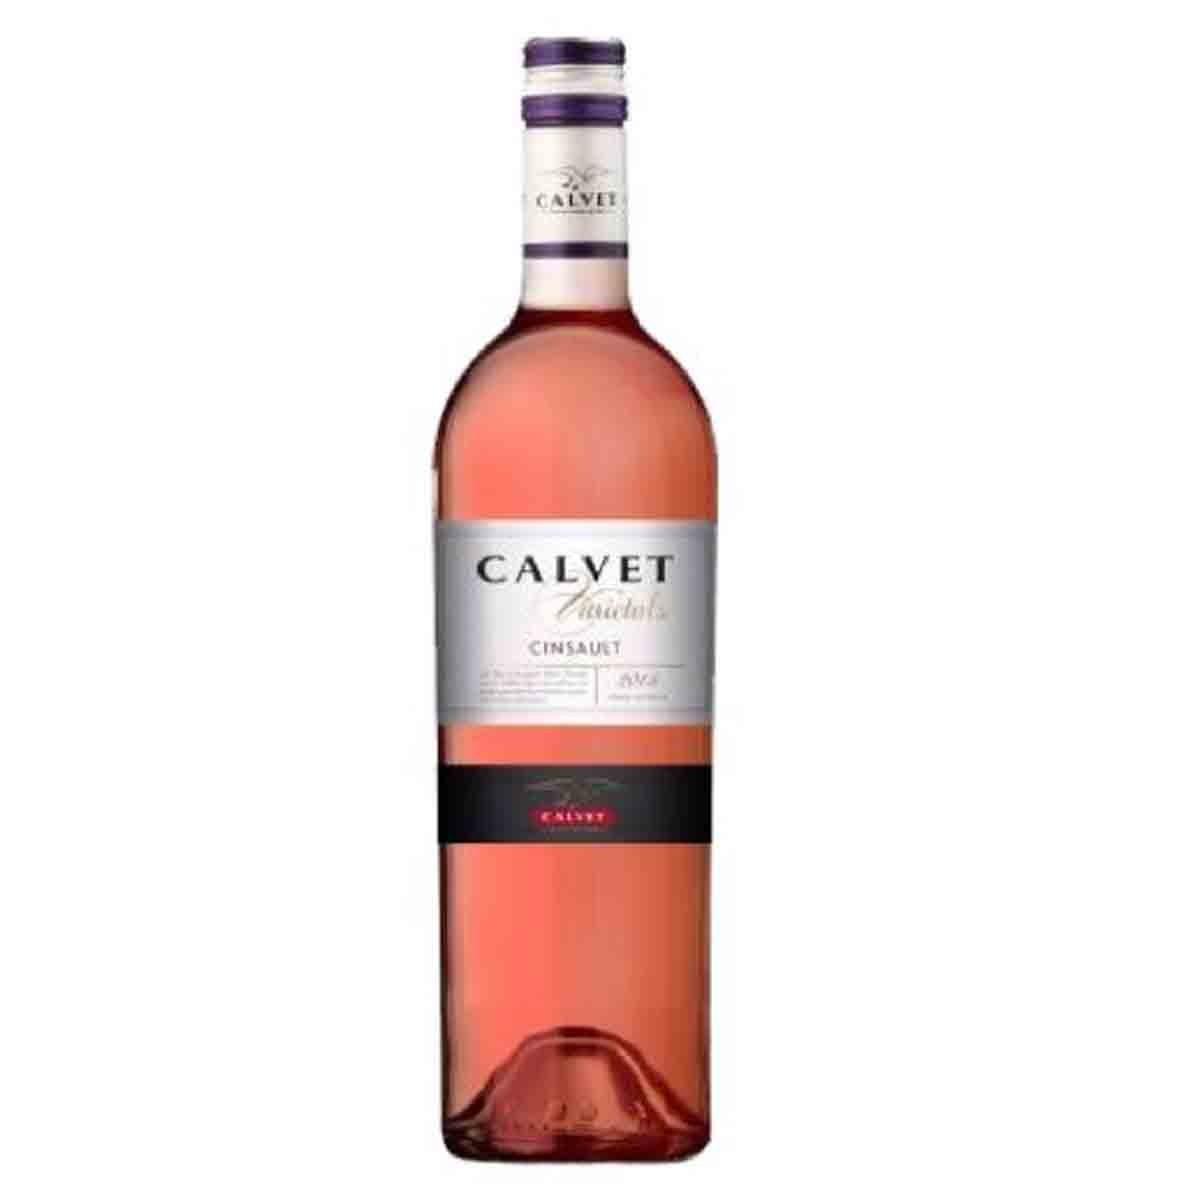 Vinho Francês Rose Calvet Cinsault 2018 750ml